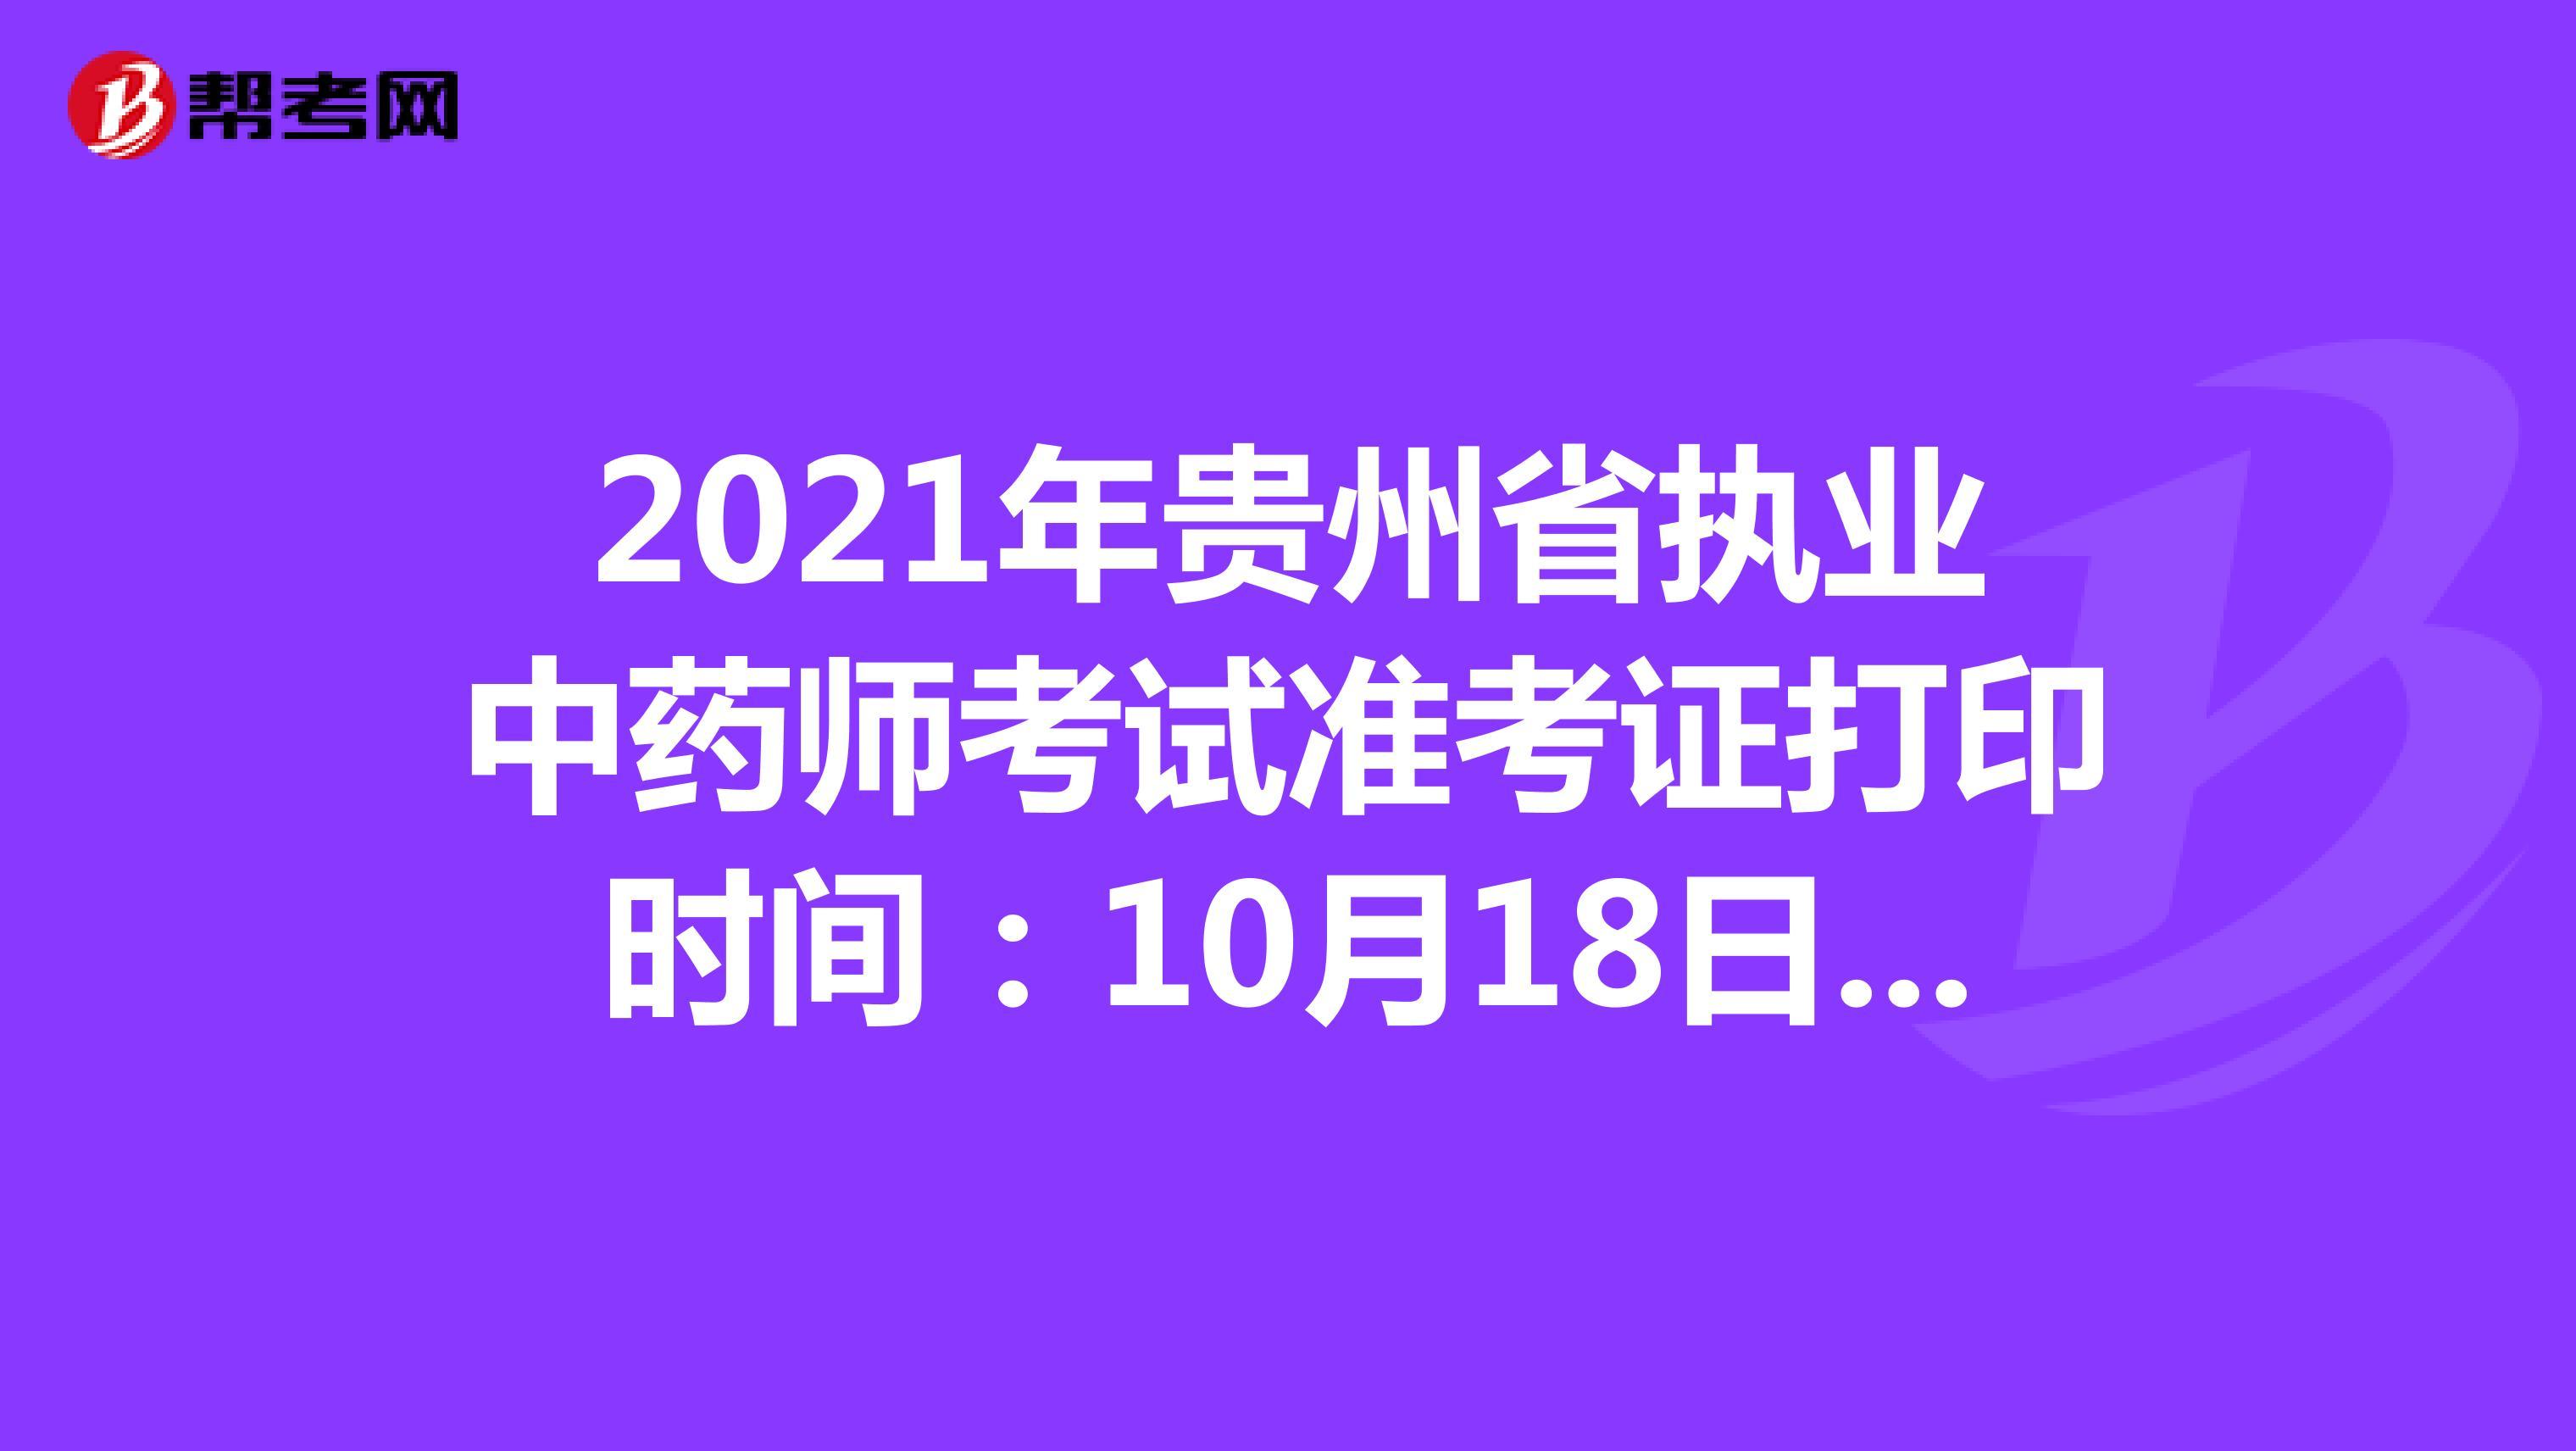 2021年贵州省执业中药师考试准考证打印时间:10月18日-10月22日